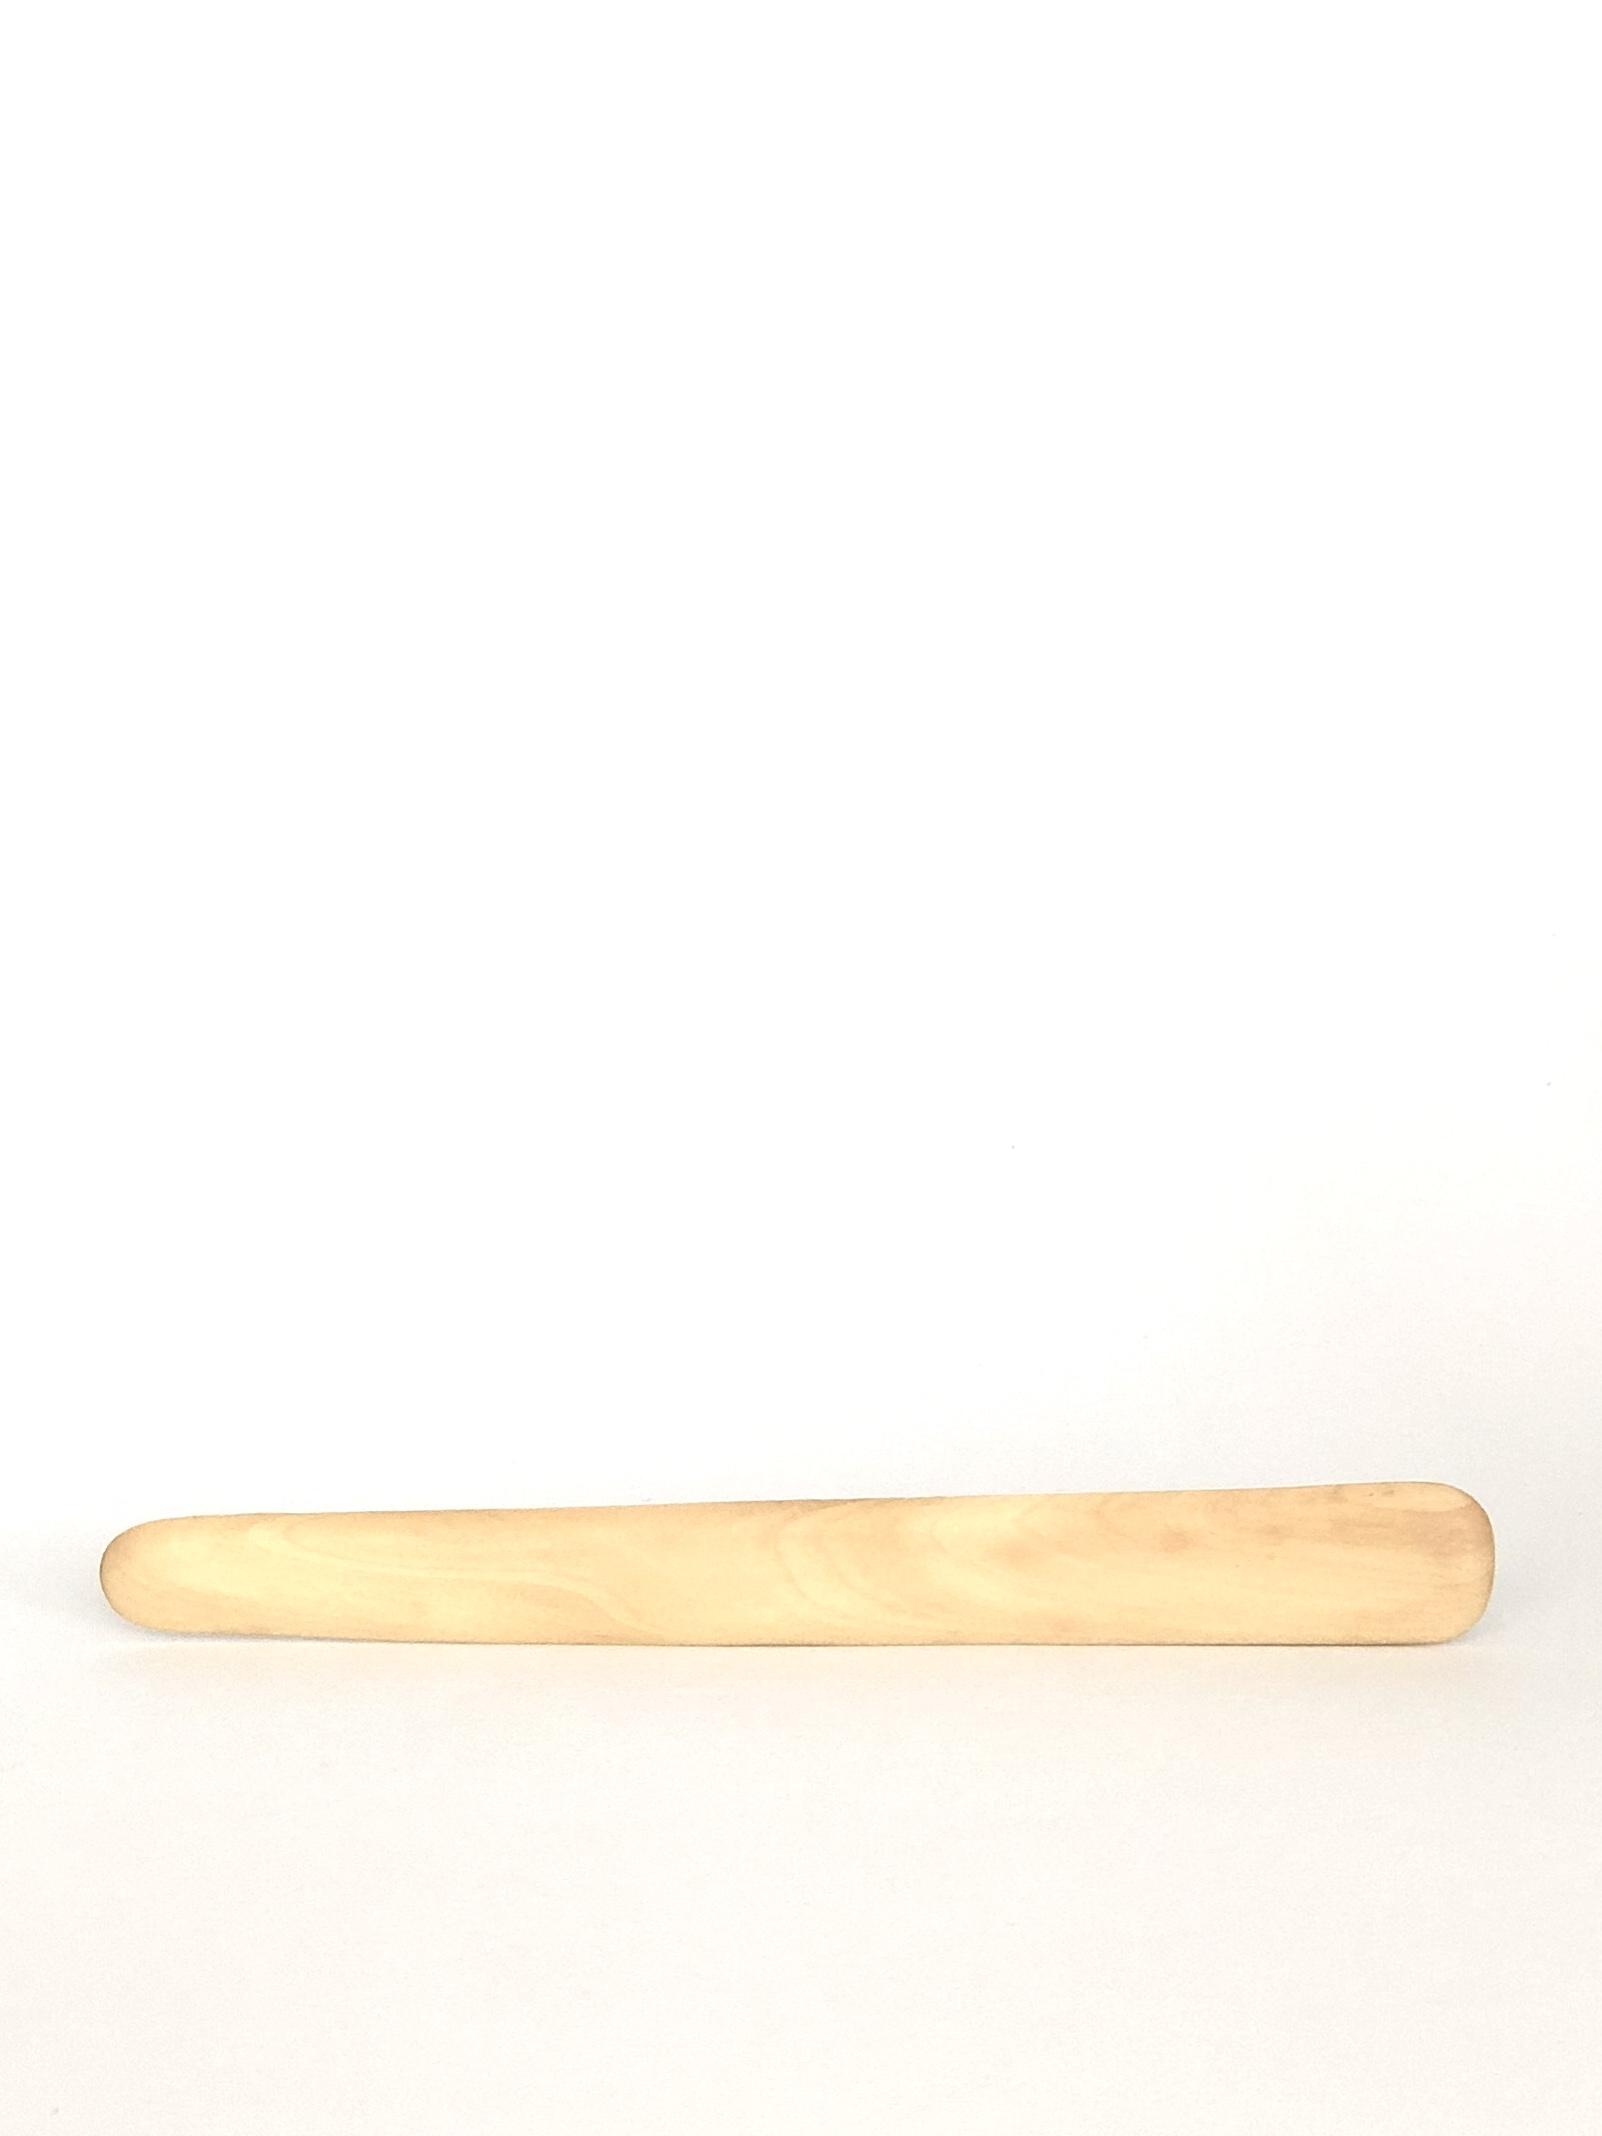 Holzspatel Gesicht versiegelt (1 Stk.)